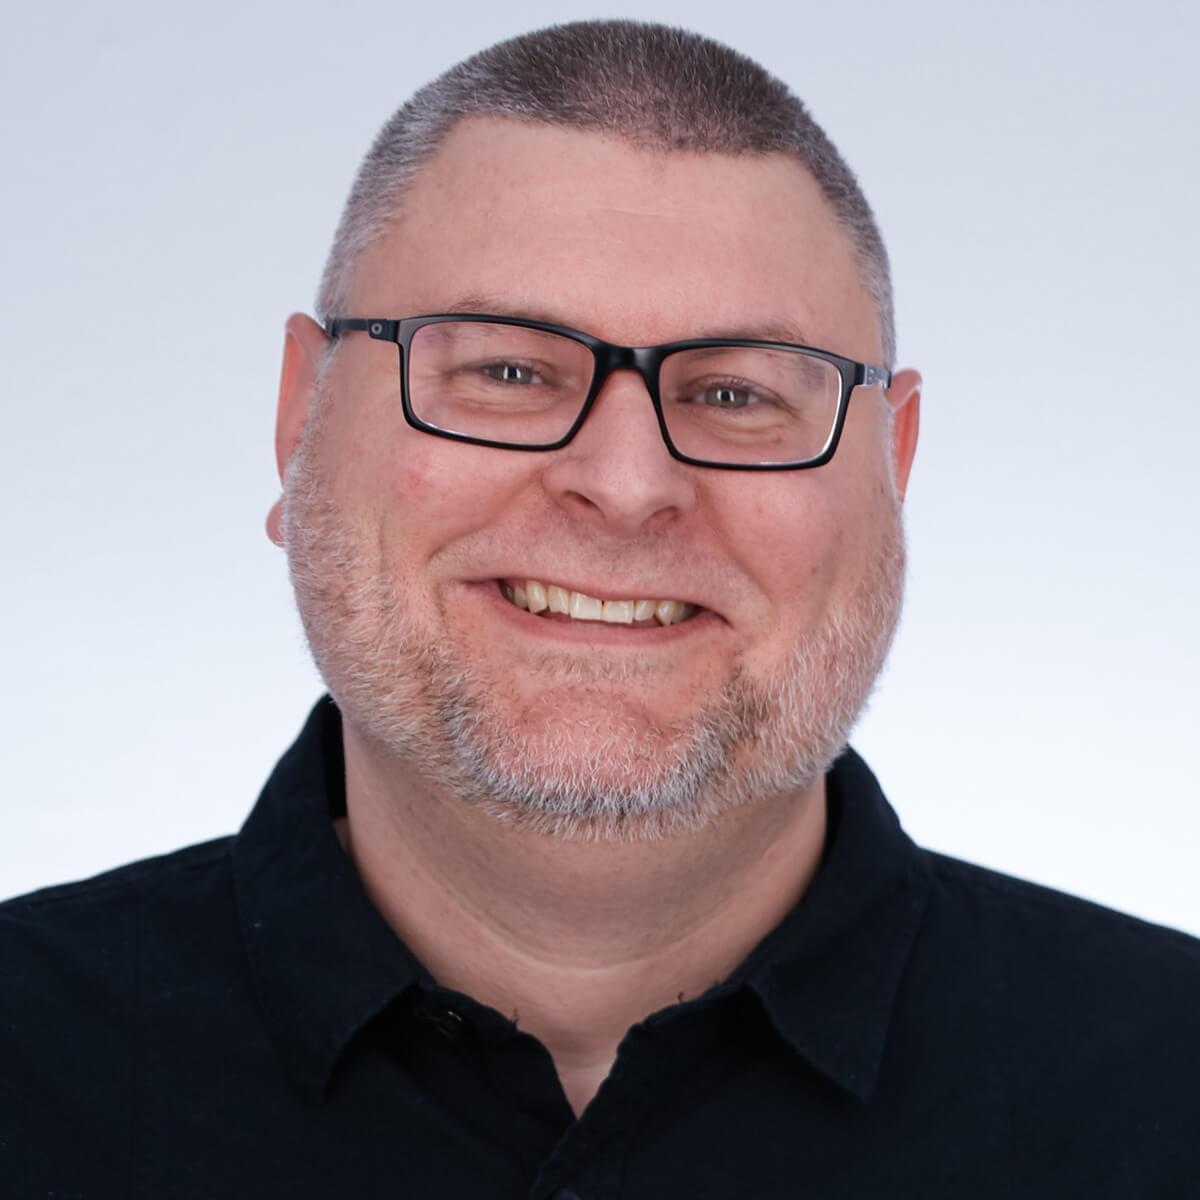 Greg Atkinson